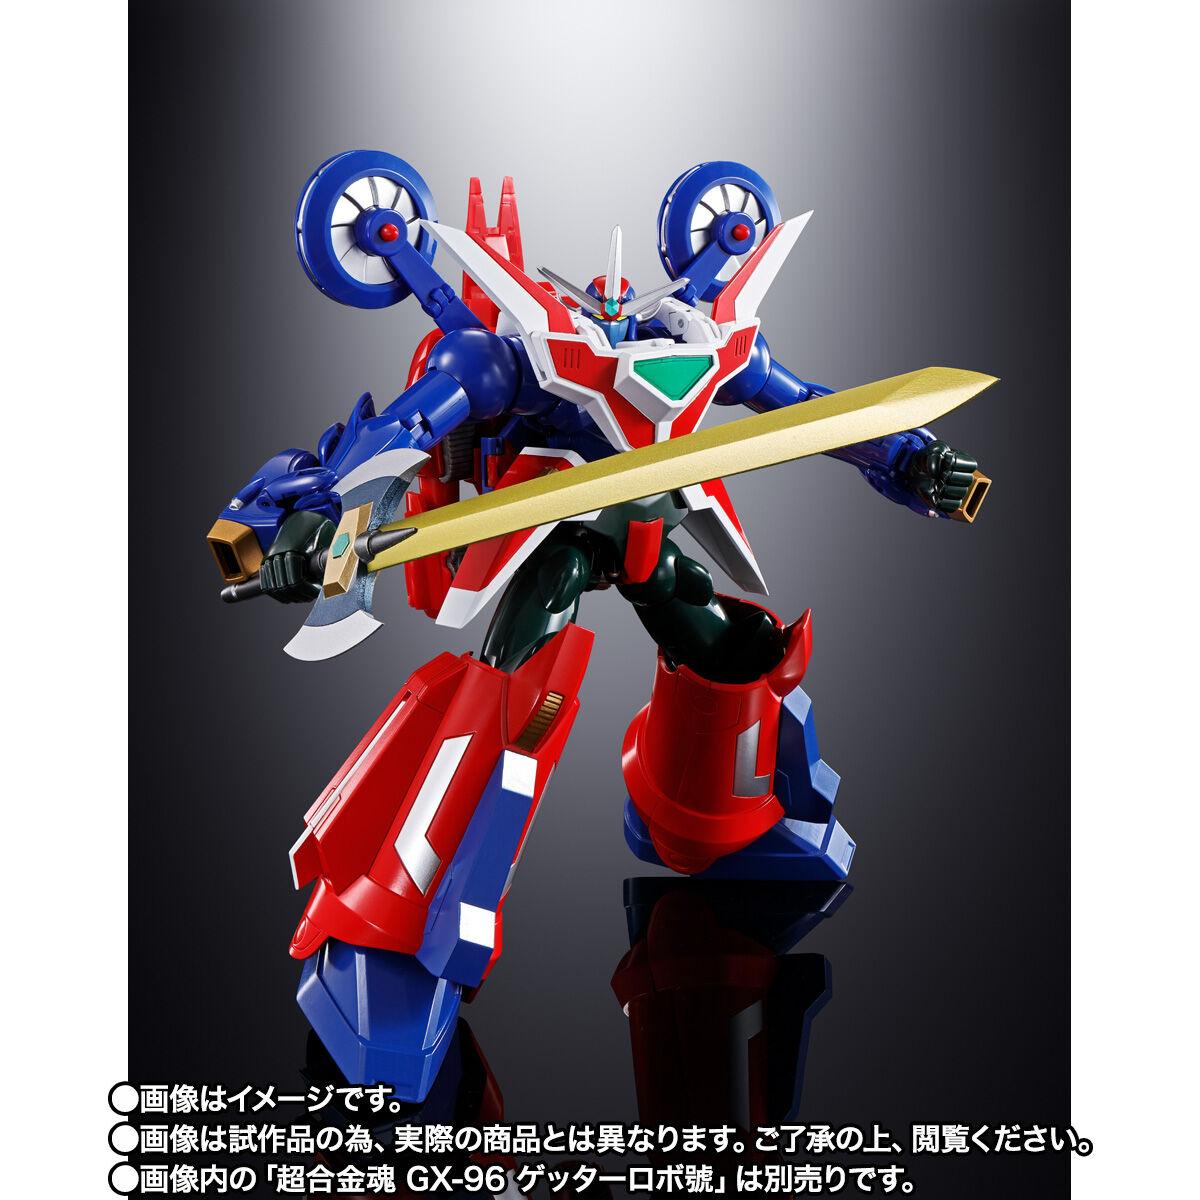 【限定販売】超合金魂『GX-96X Gアームライザー』ゲッターロボ號 可動フィギュア-009